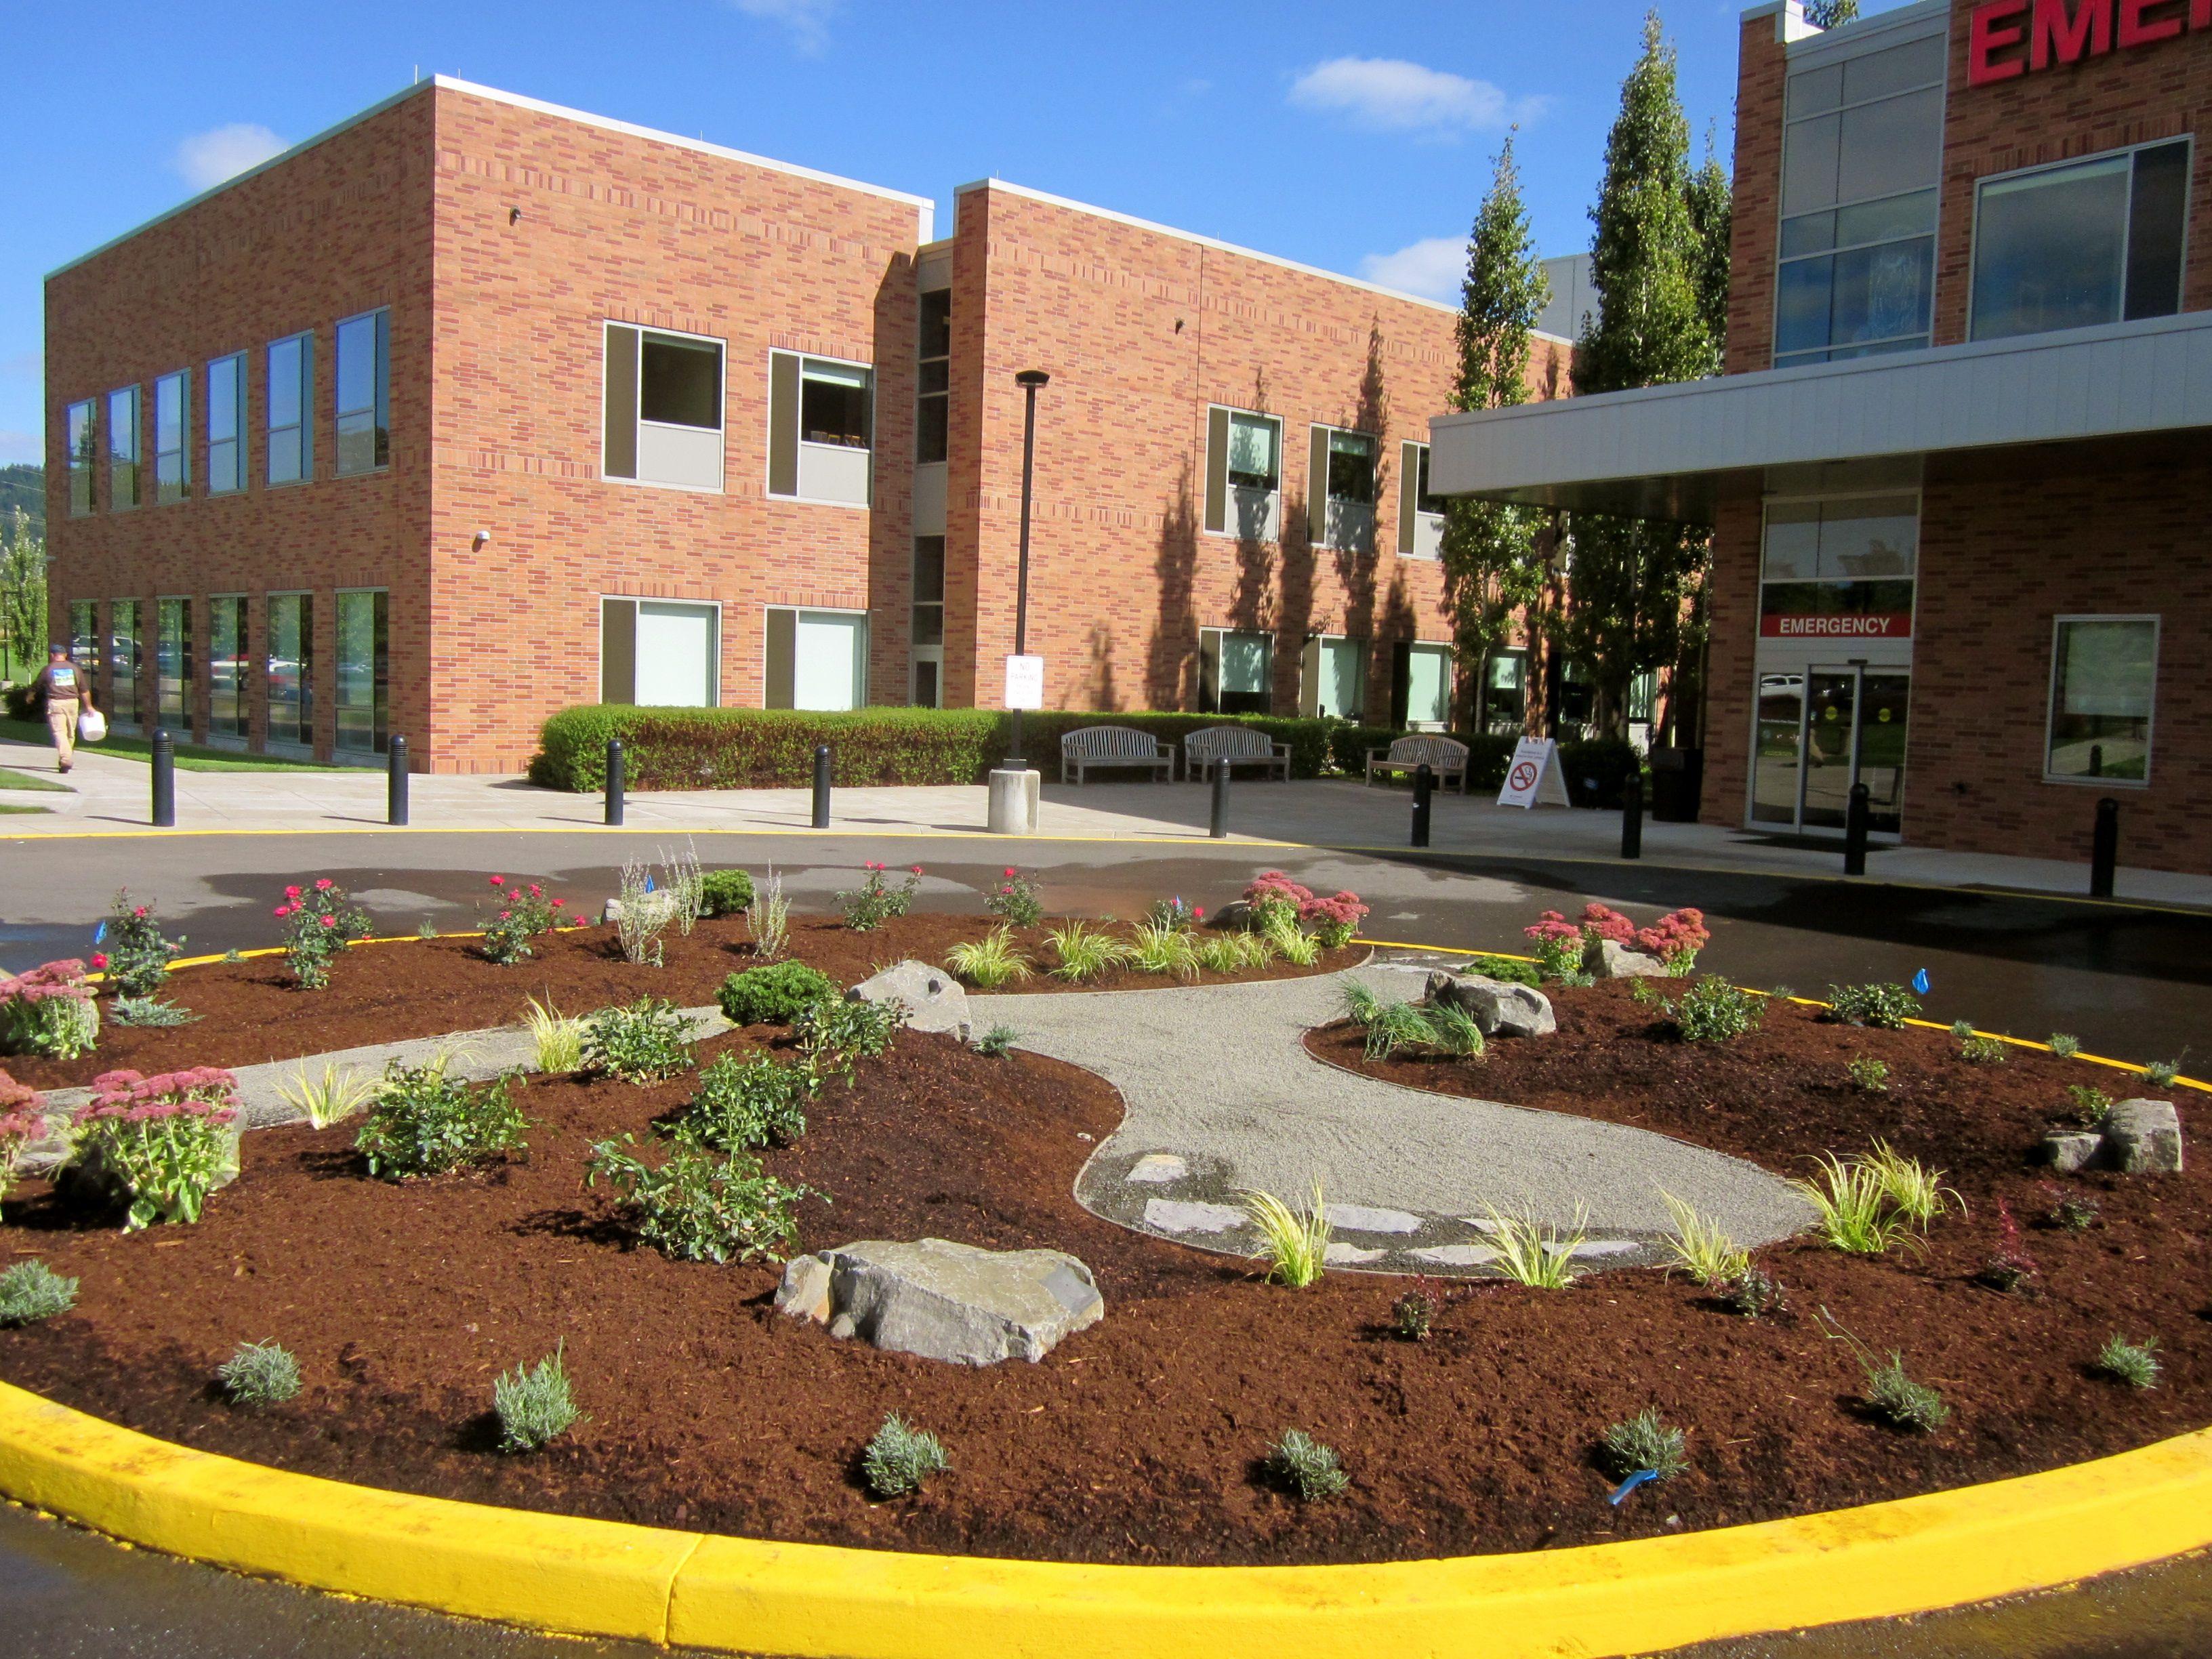 Dr mary foster memorial garden providence newberg